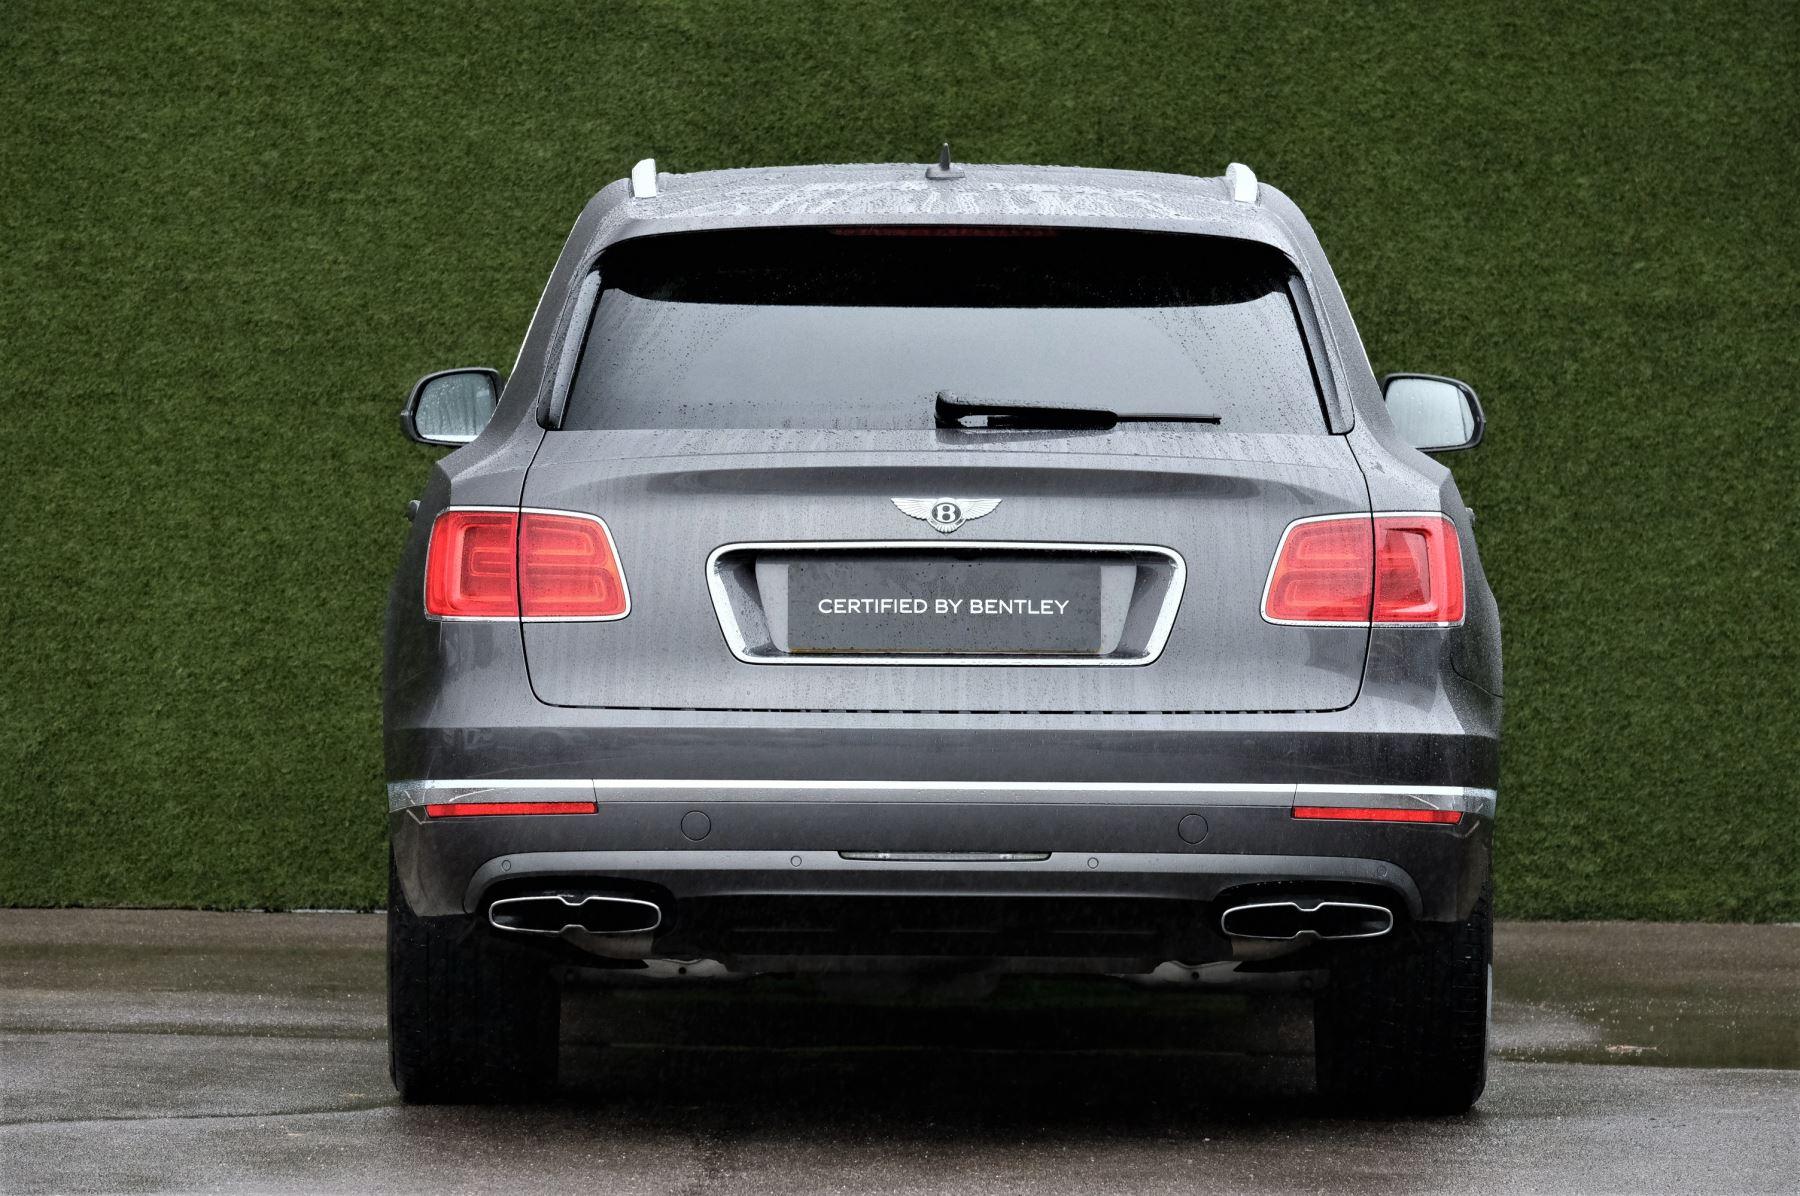 Bentley Bentayga 4.0 V8 5dr - Mulliner Driving Specification image 4